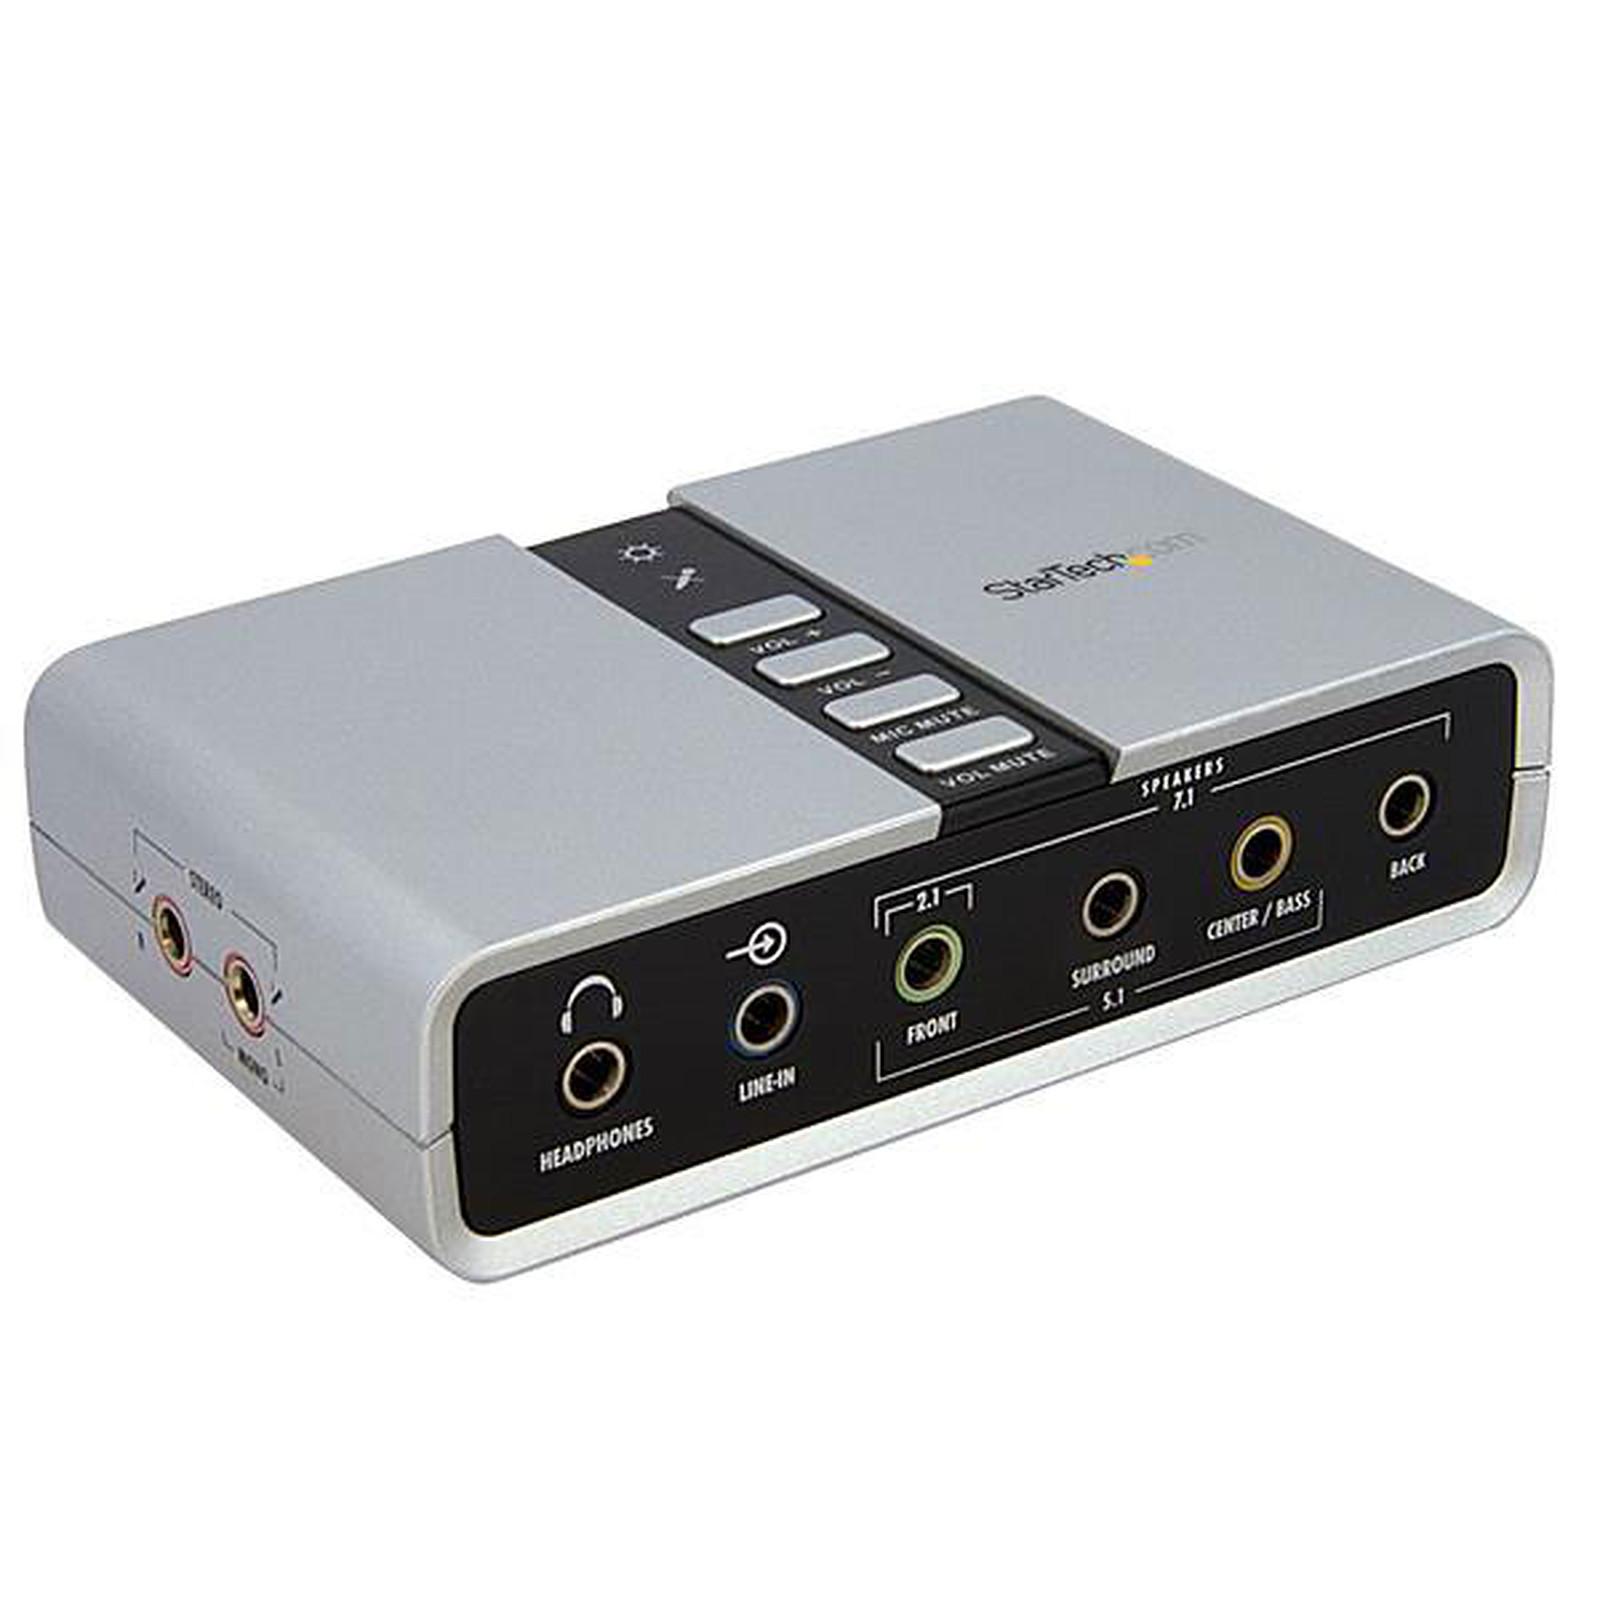 carte son usb externe StarTech.Carte son / Adaptateur audio USB 7.1 avec audio